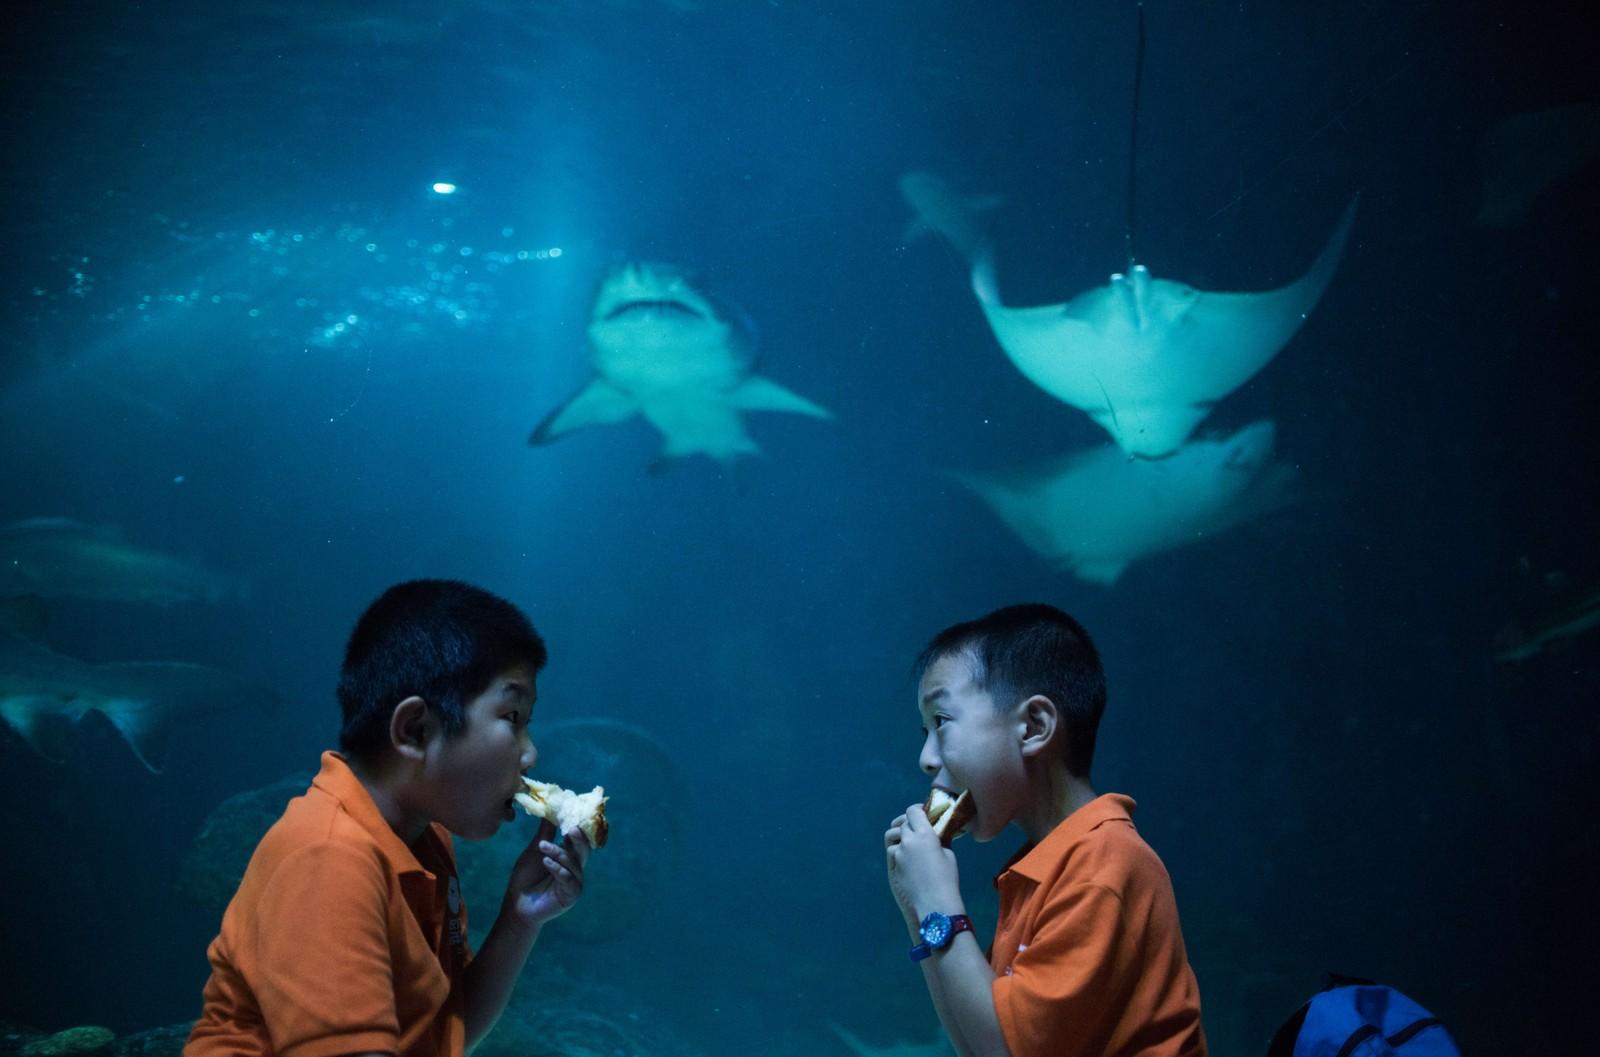 Lunsj? To skolegutter spiser sin formiddagsmat mens en rokke og en hai ser (sultent?) på. Bildet ble tatt i forbindelse med en overnatting i Changfeng-akvariet i Shanghai, som ble arrangert denne uka.